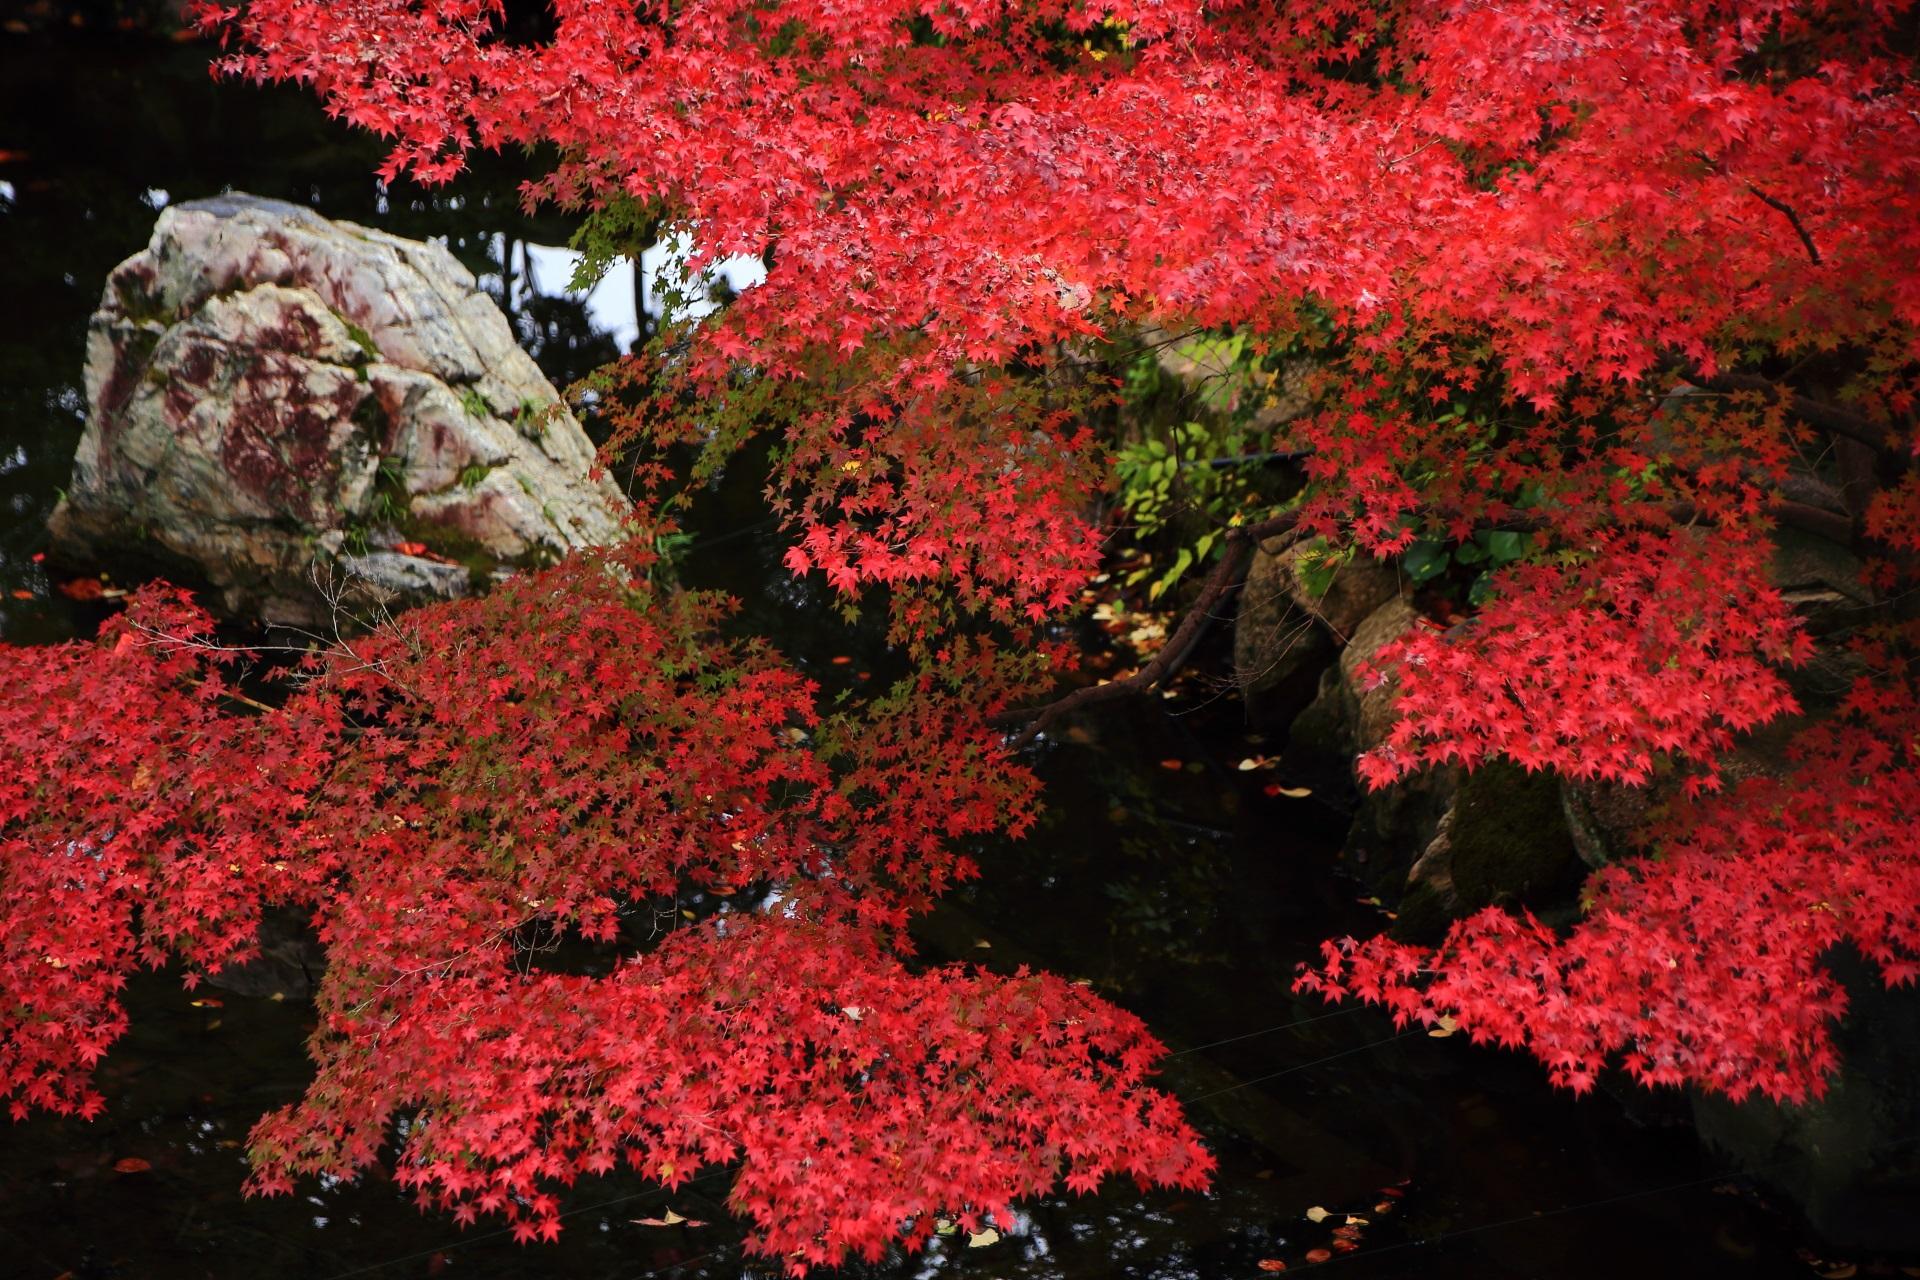 大谷本廟の水辺や岩を彩る鮮やかな紅葉